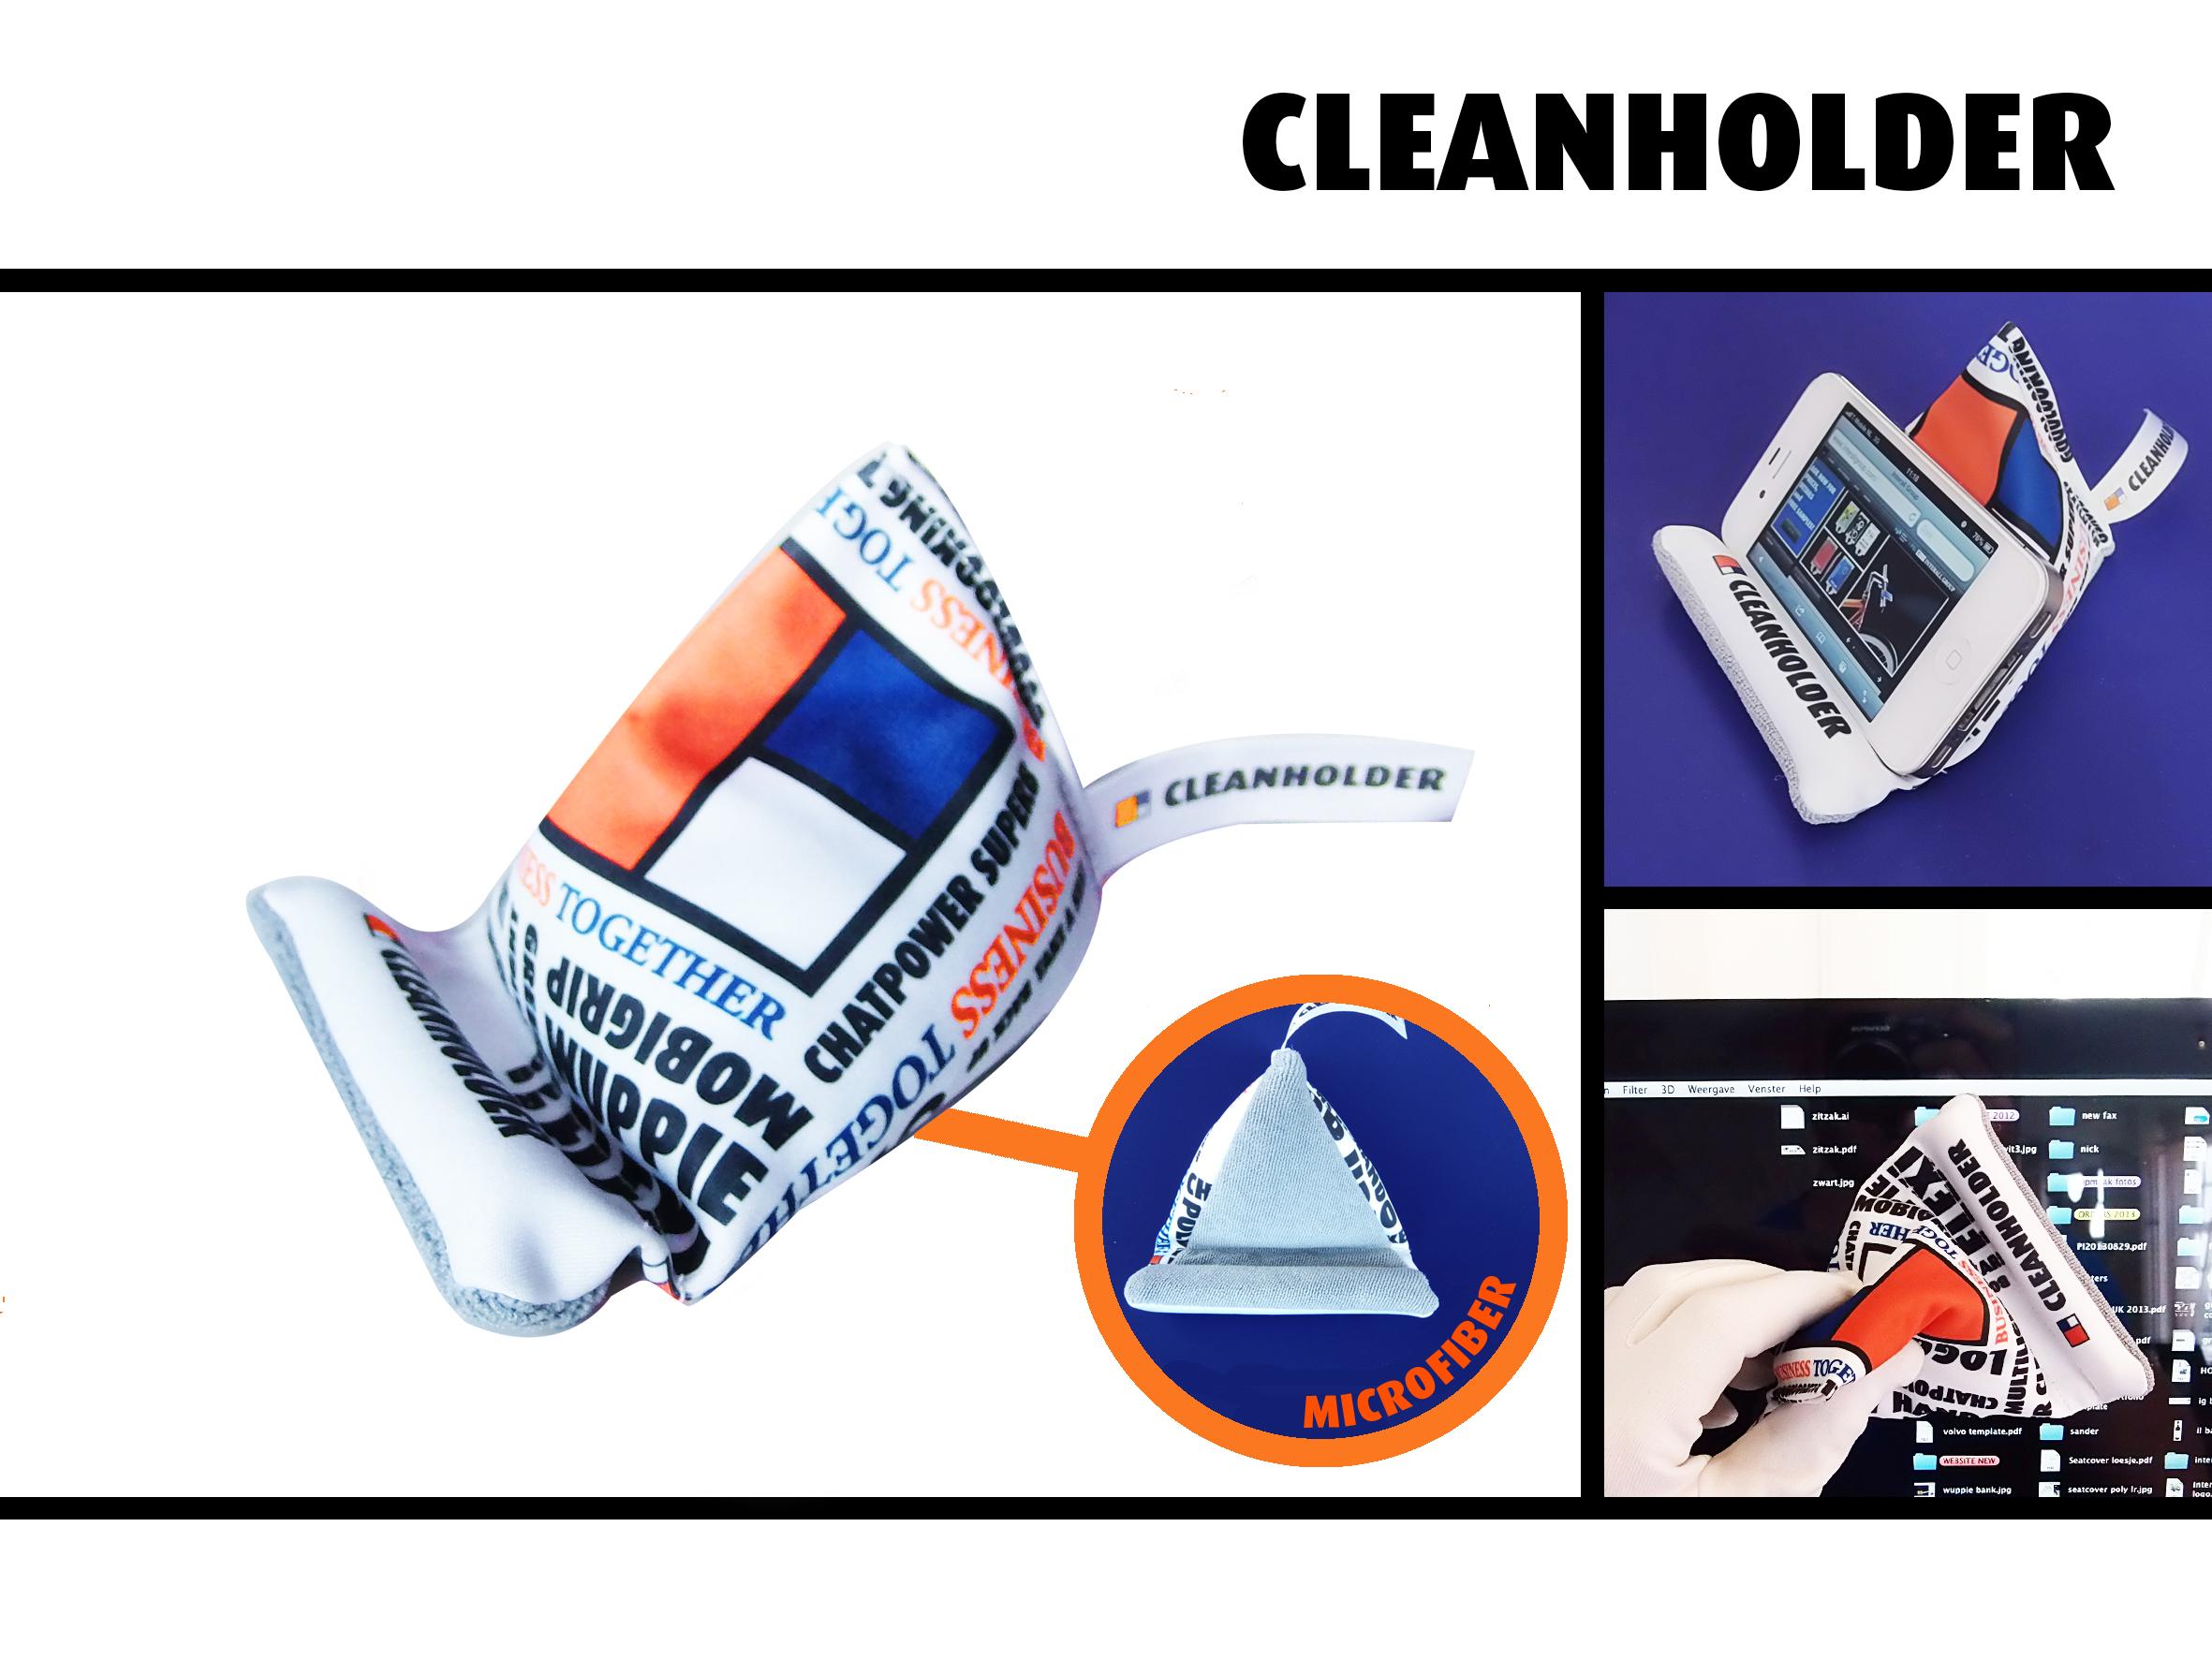 CLEANHOLDER